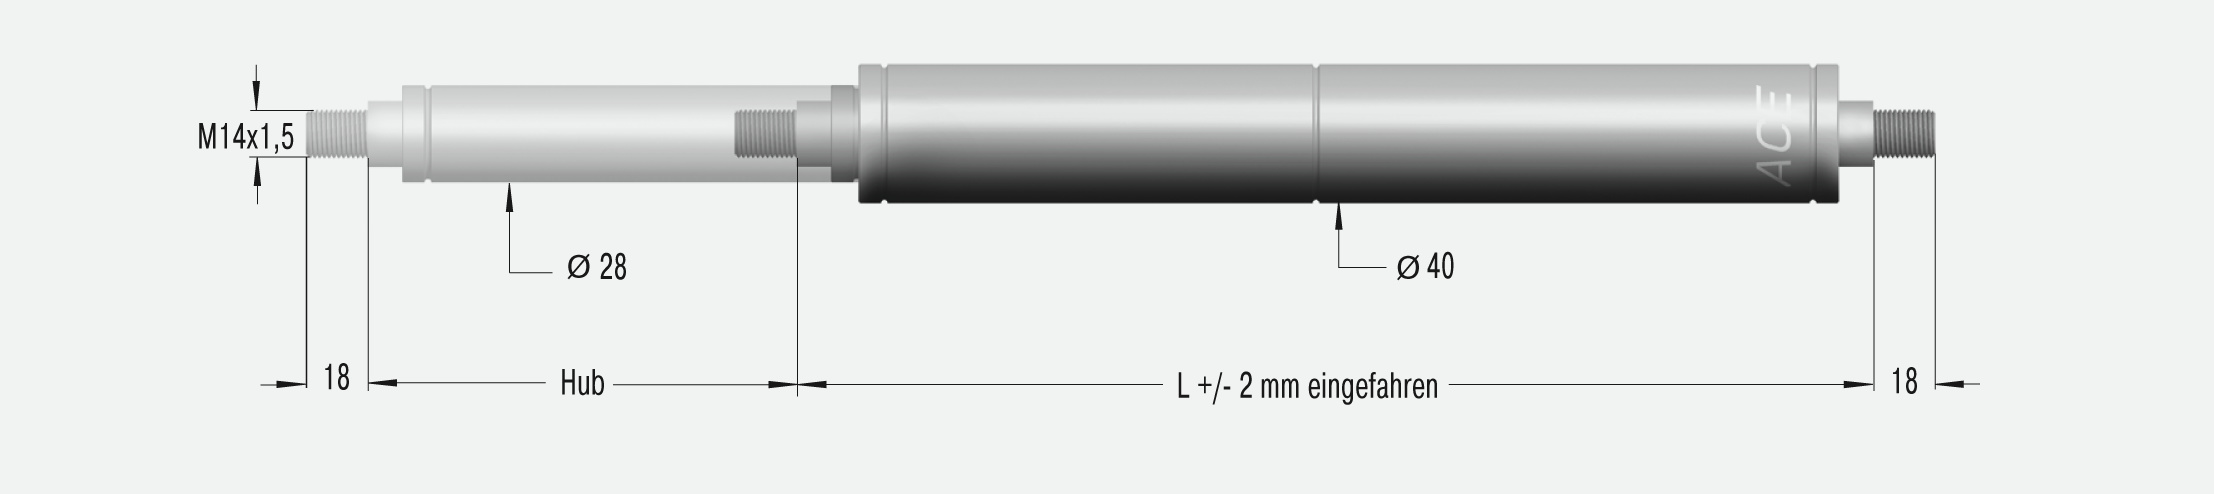 GZ-40-300-VA